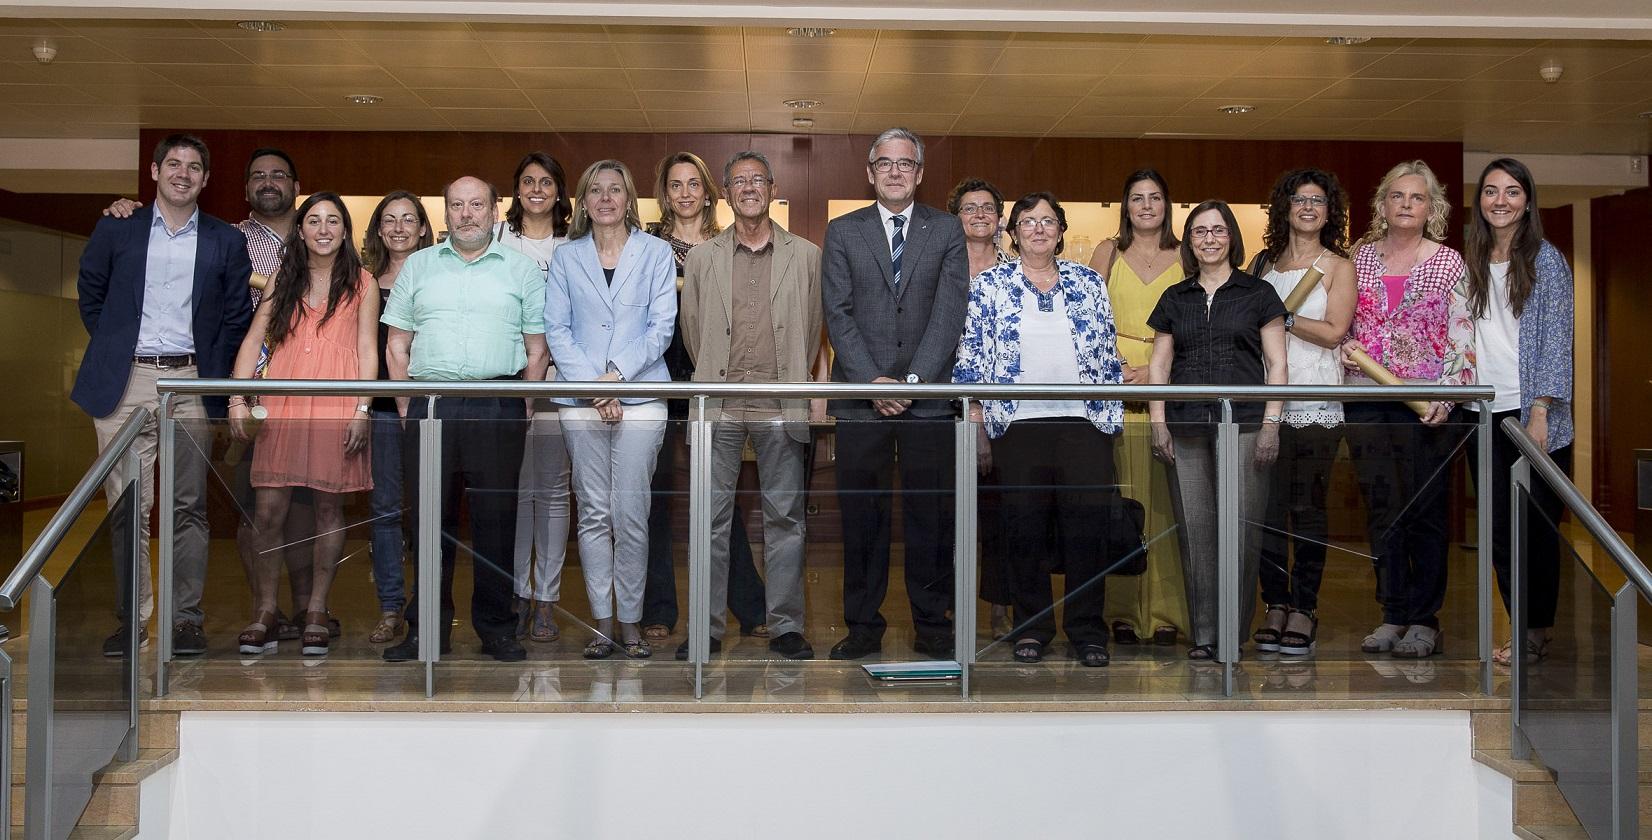 diplomes-master-ortopedia-grup